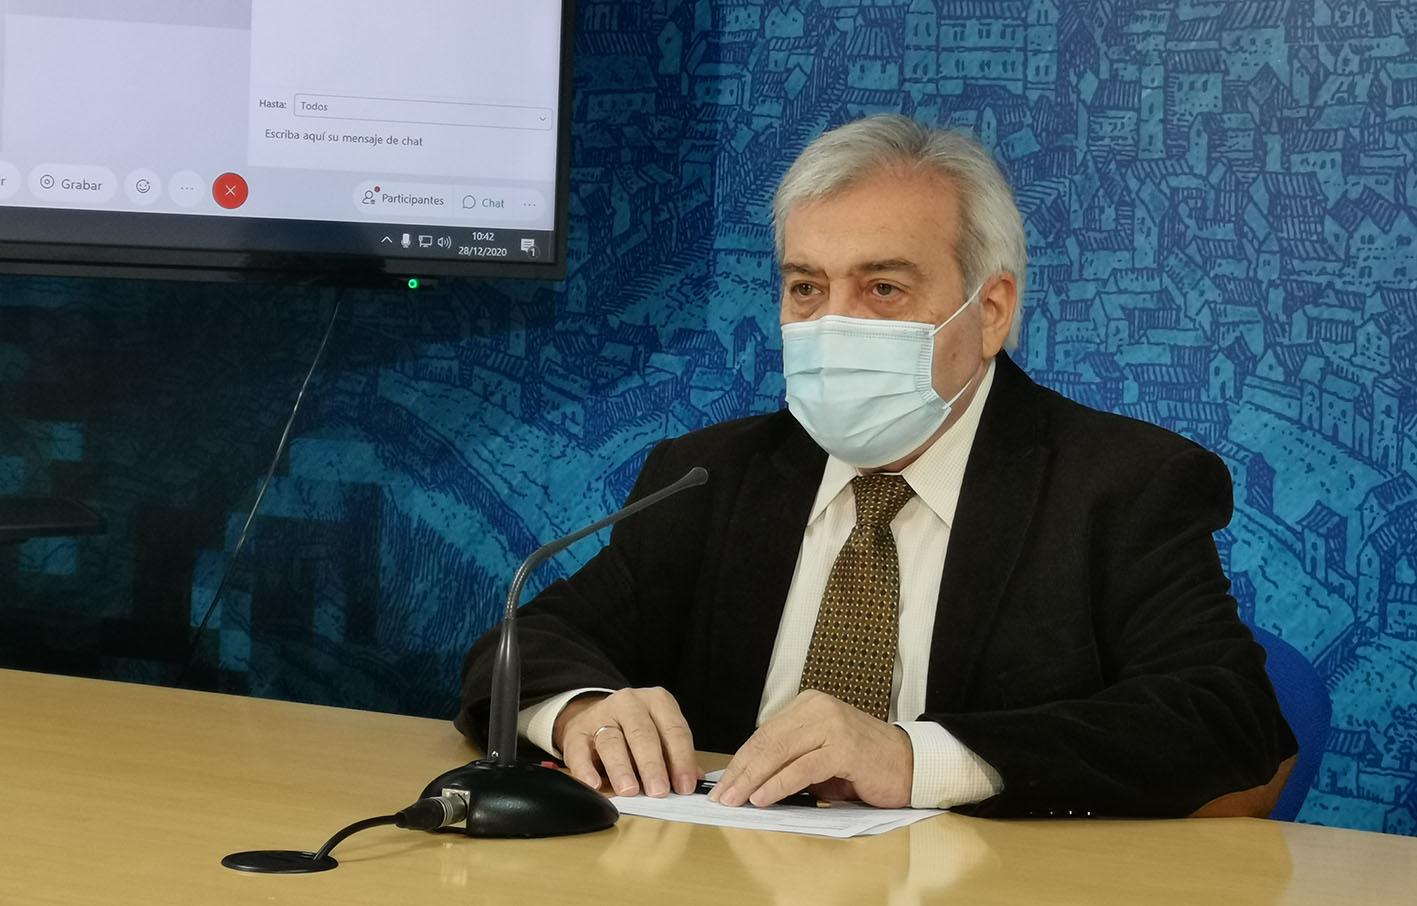 Juanjo Pérez del Pino sigue apelando a la responsabilidad social para que los contagios por coronavirus no se disparen.